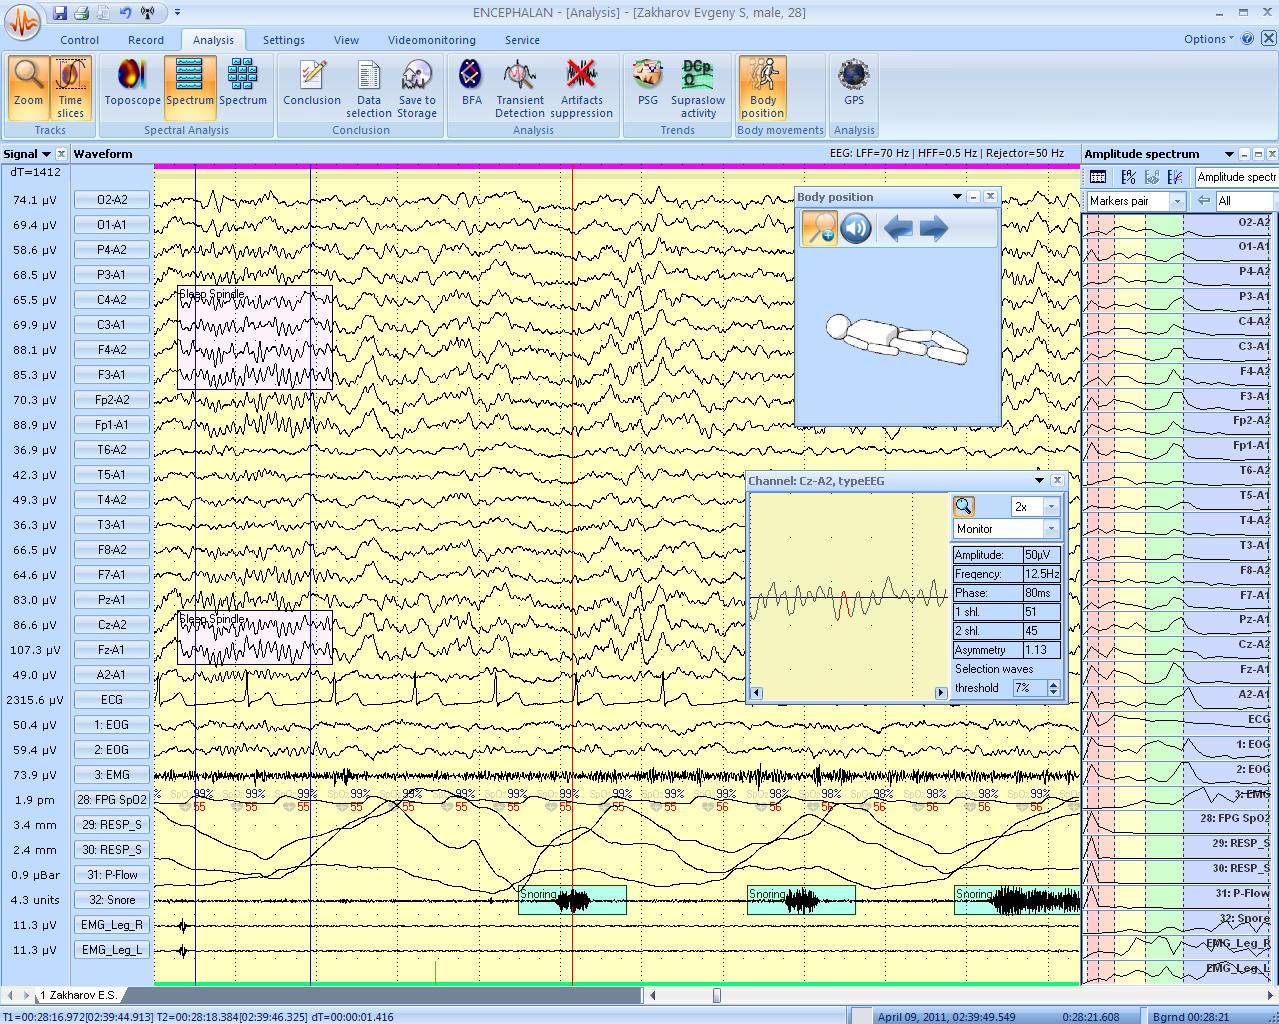 Спектральный анализ, положение тела пациенат, спекрт мощности и увеличенный просмотр сигнала.